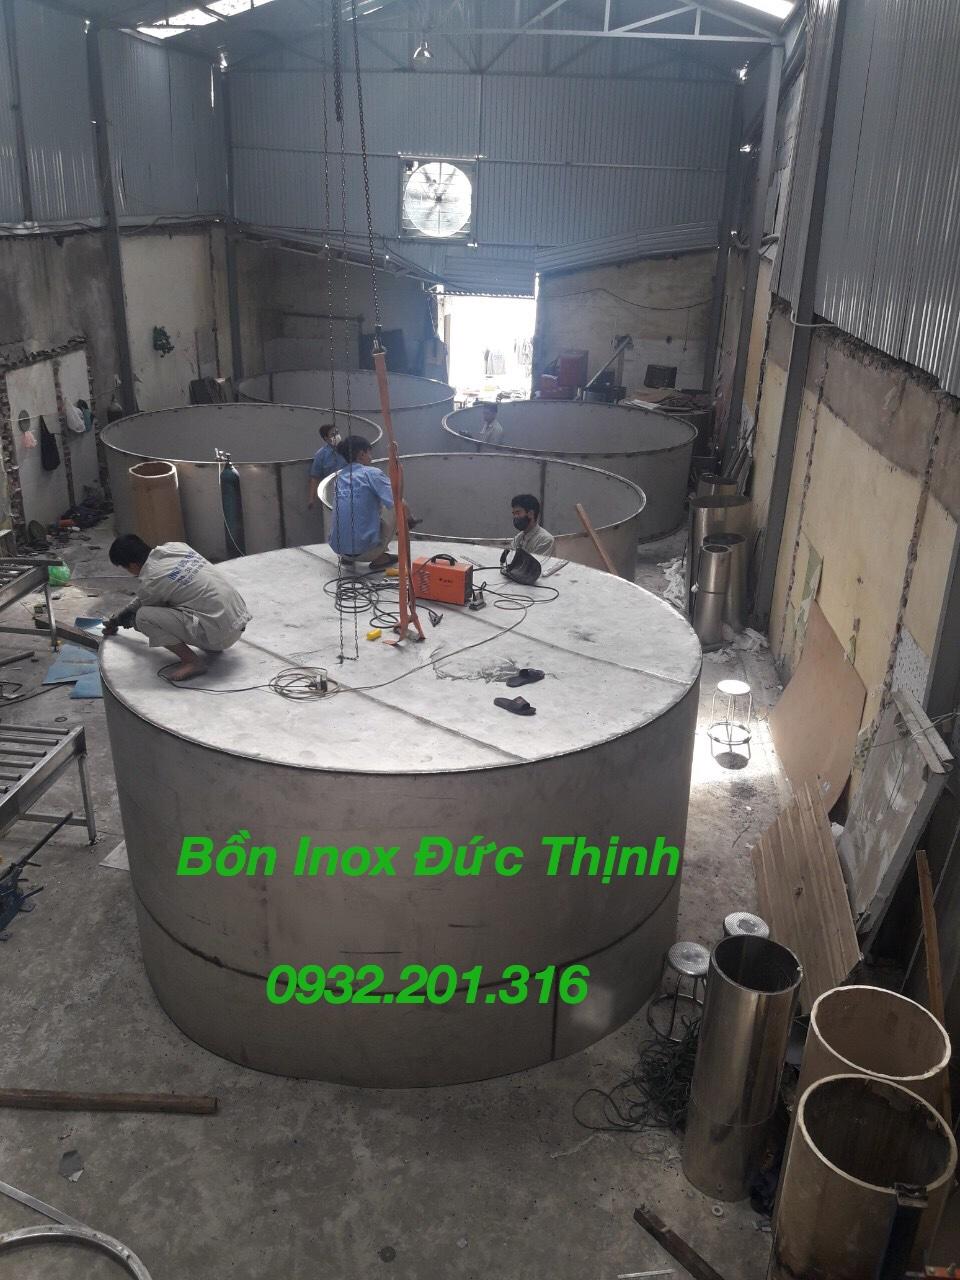 Thi công bồn nước inox Đức Thịnh tại xưởng Đức Thịnh